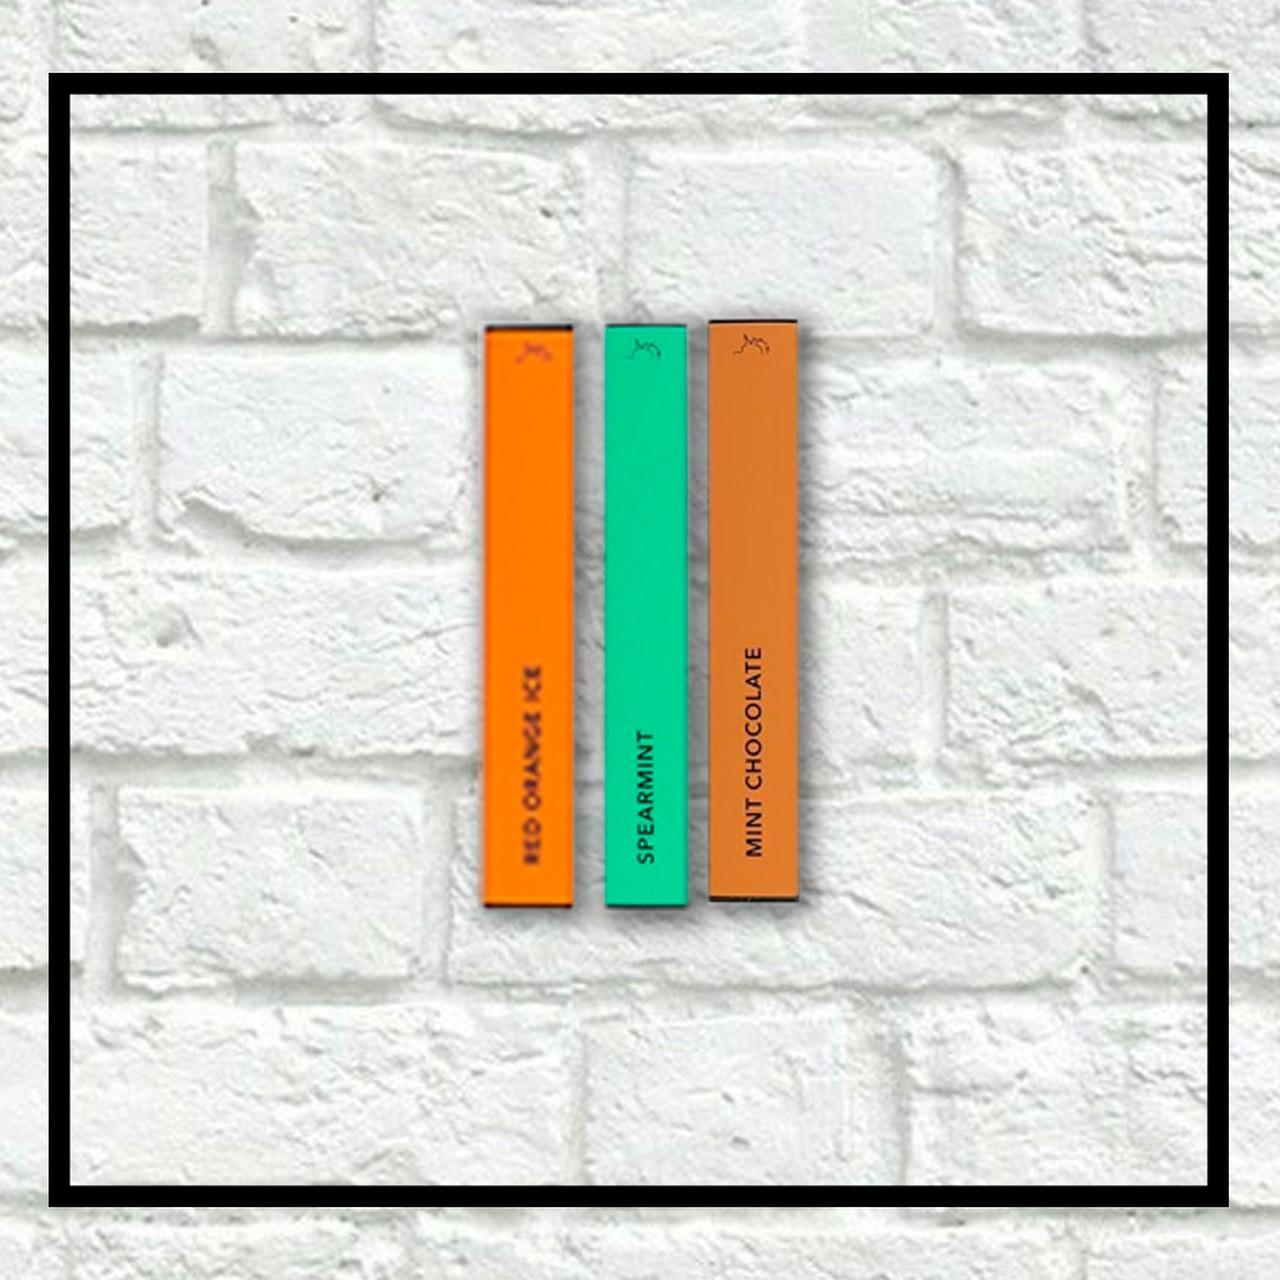 Combo Descartáveis  - BLVK  - VAPERBOS